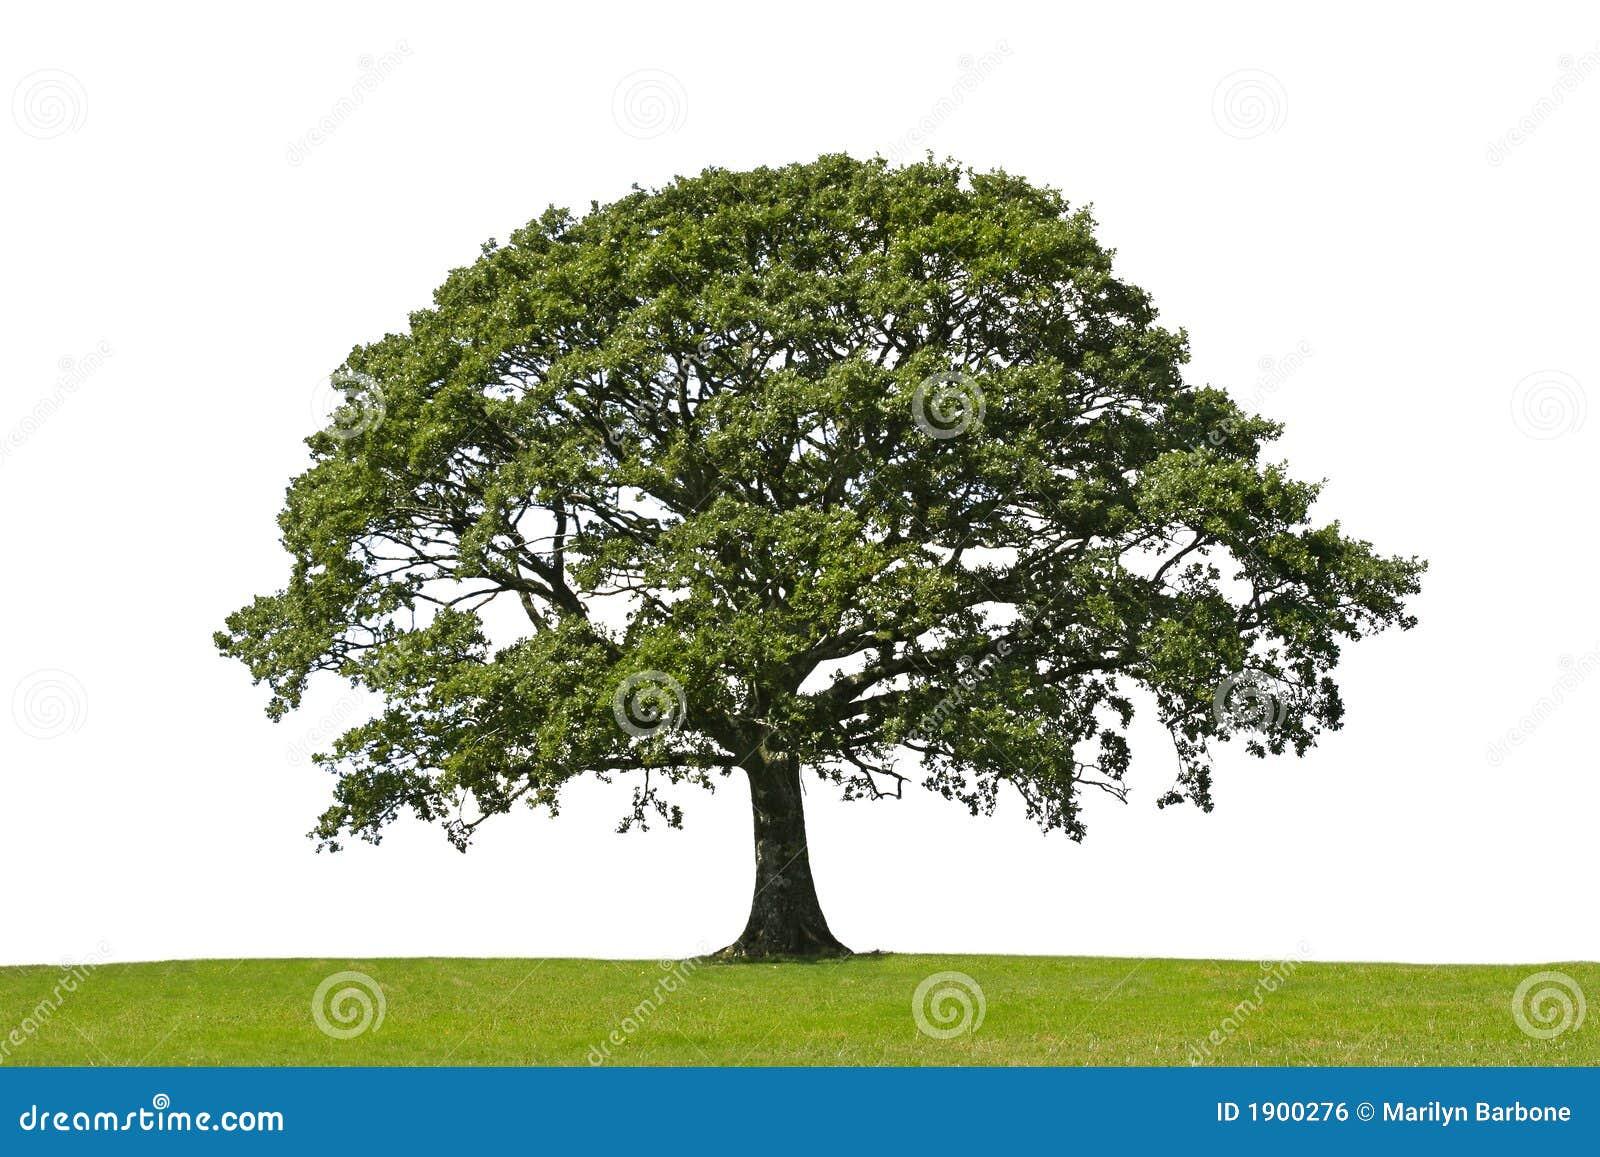 Arbre de chêne, symbole de force